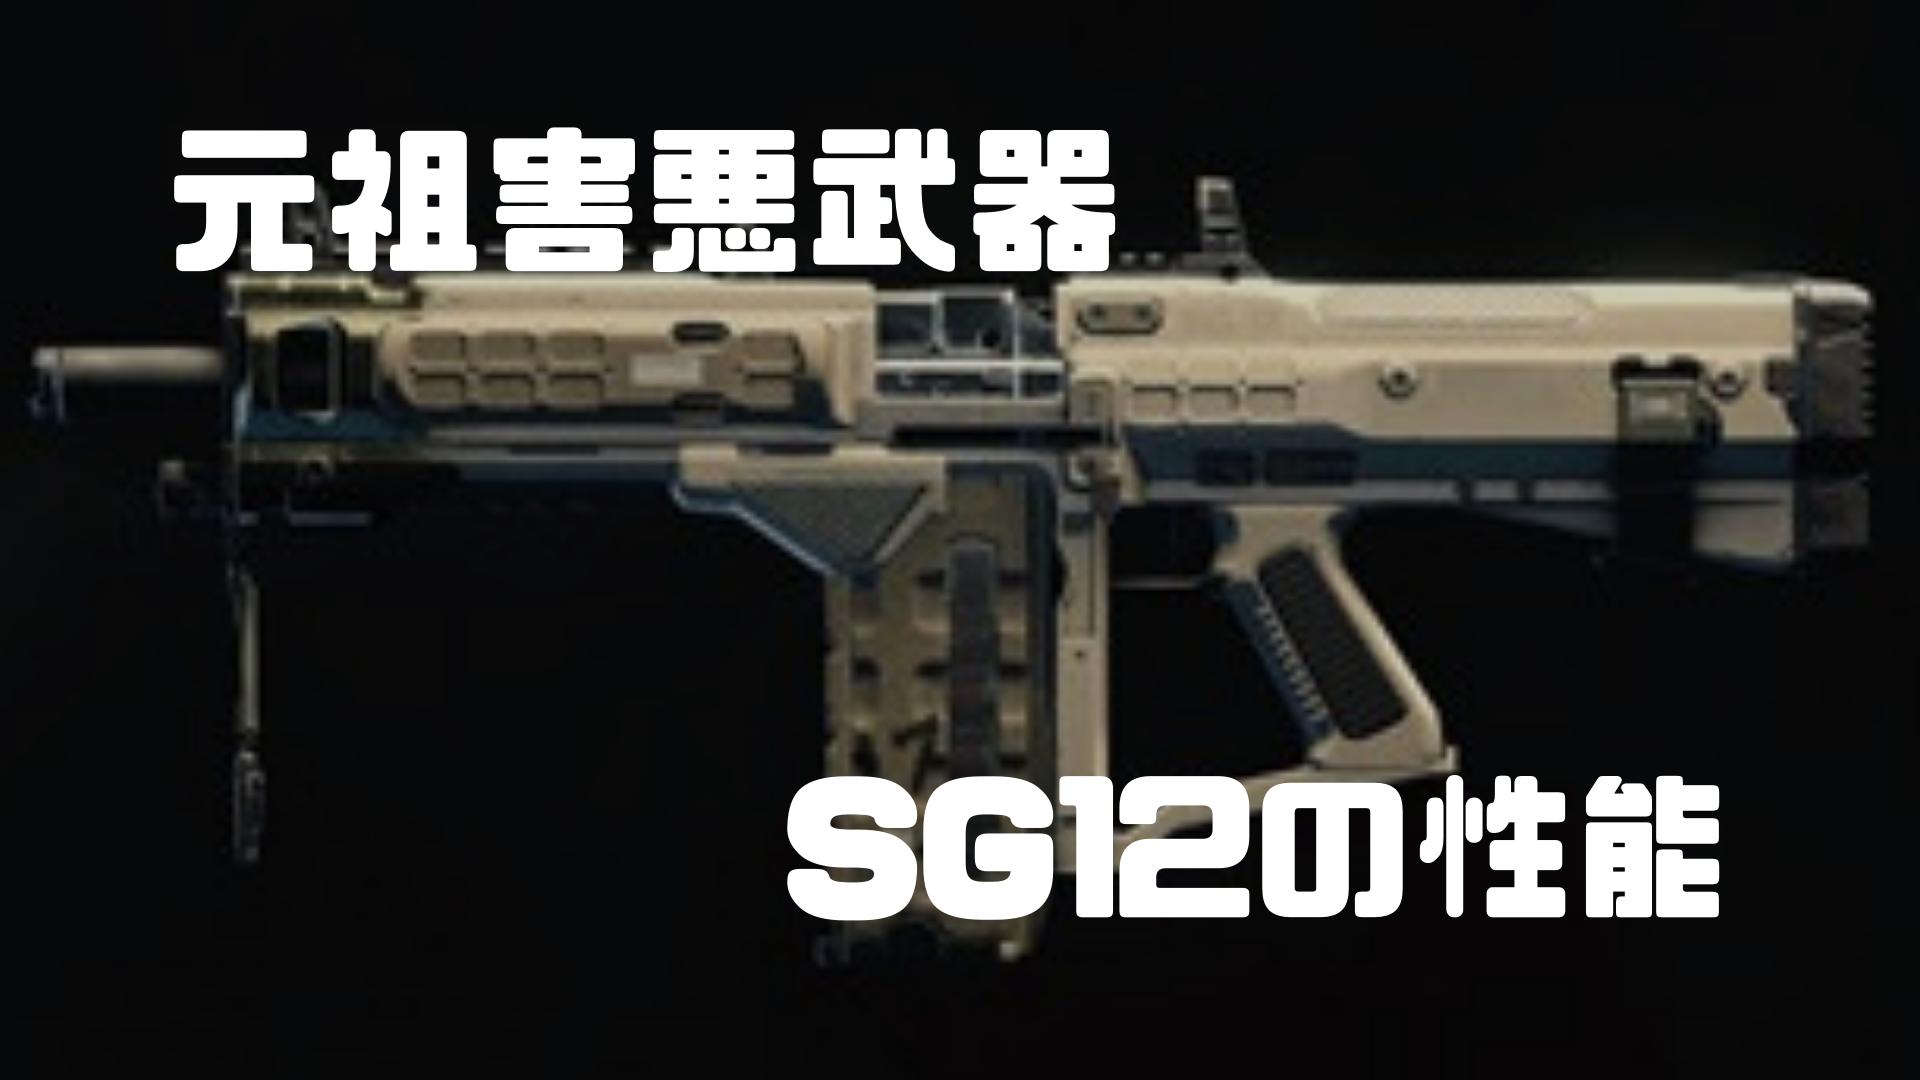 【BO4】マックスロードの効果とは SG12の評価